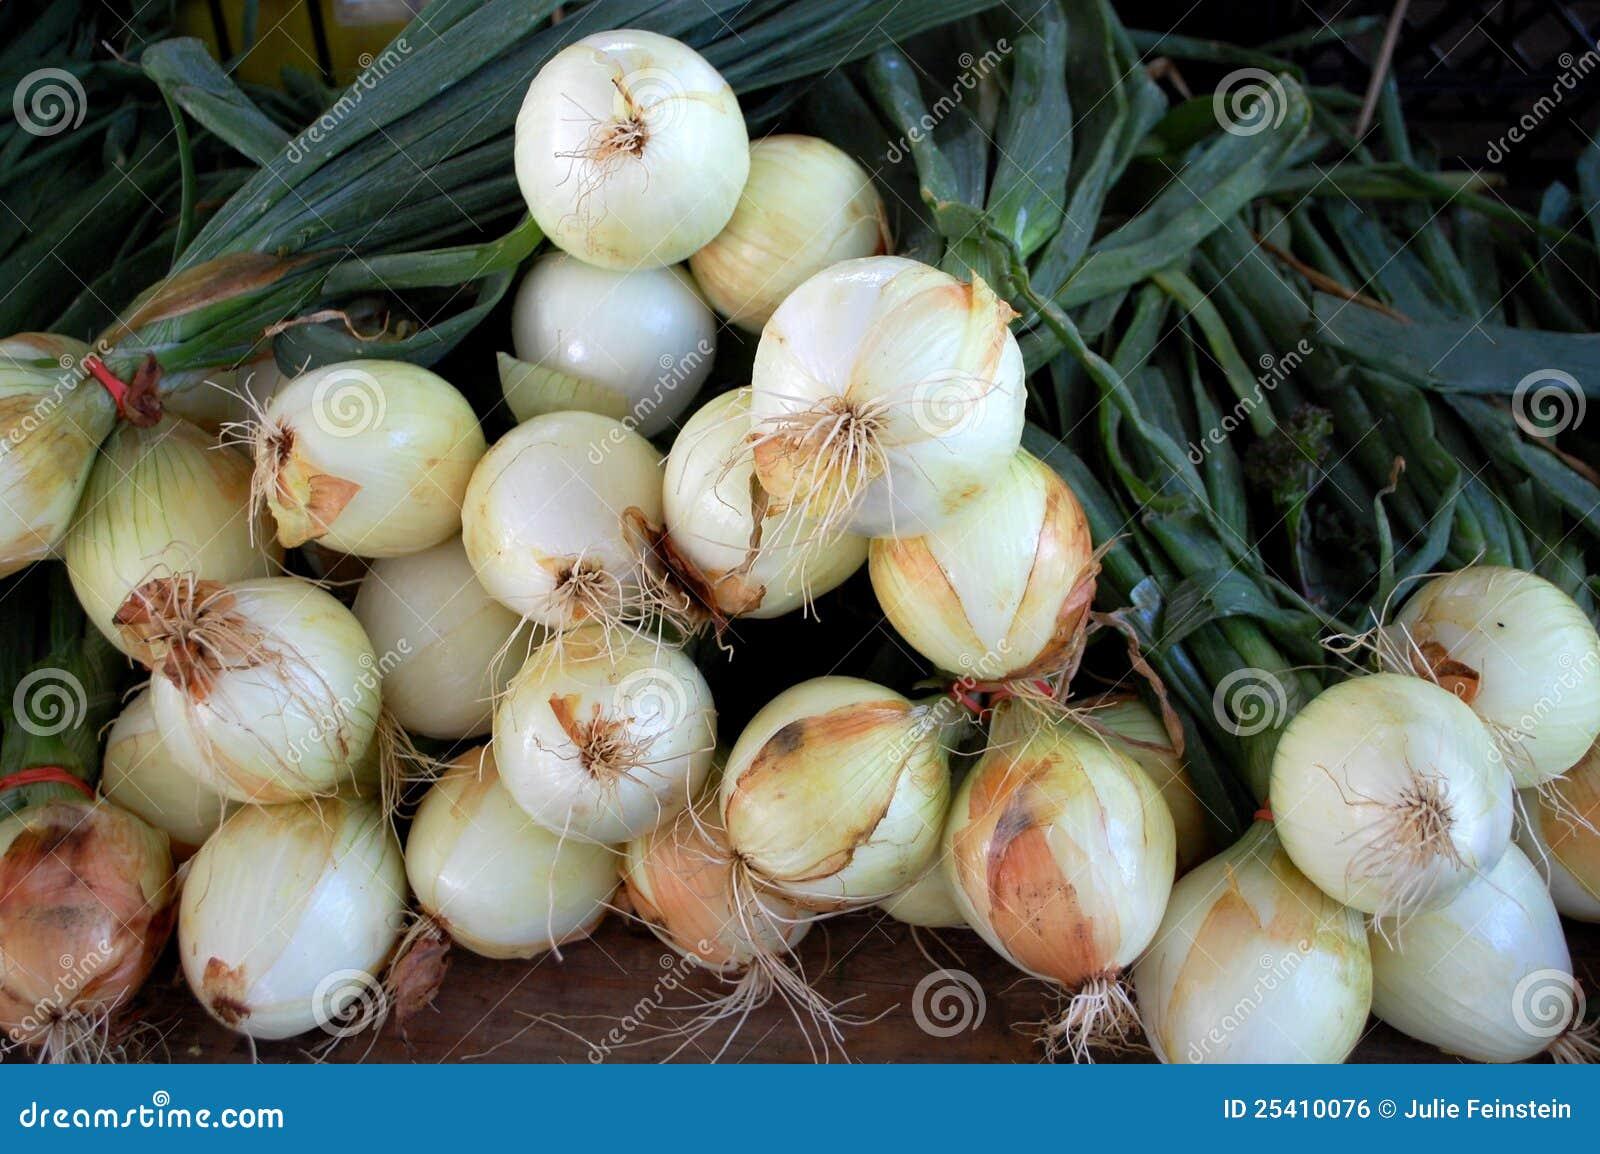 Cebollas del resorte imagen de archivo libre de regal as for Cocinar huevos 7 days to die